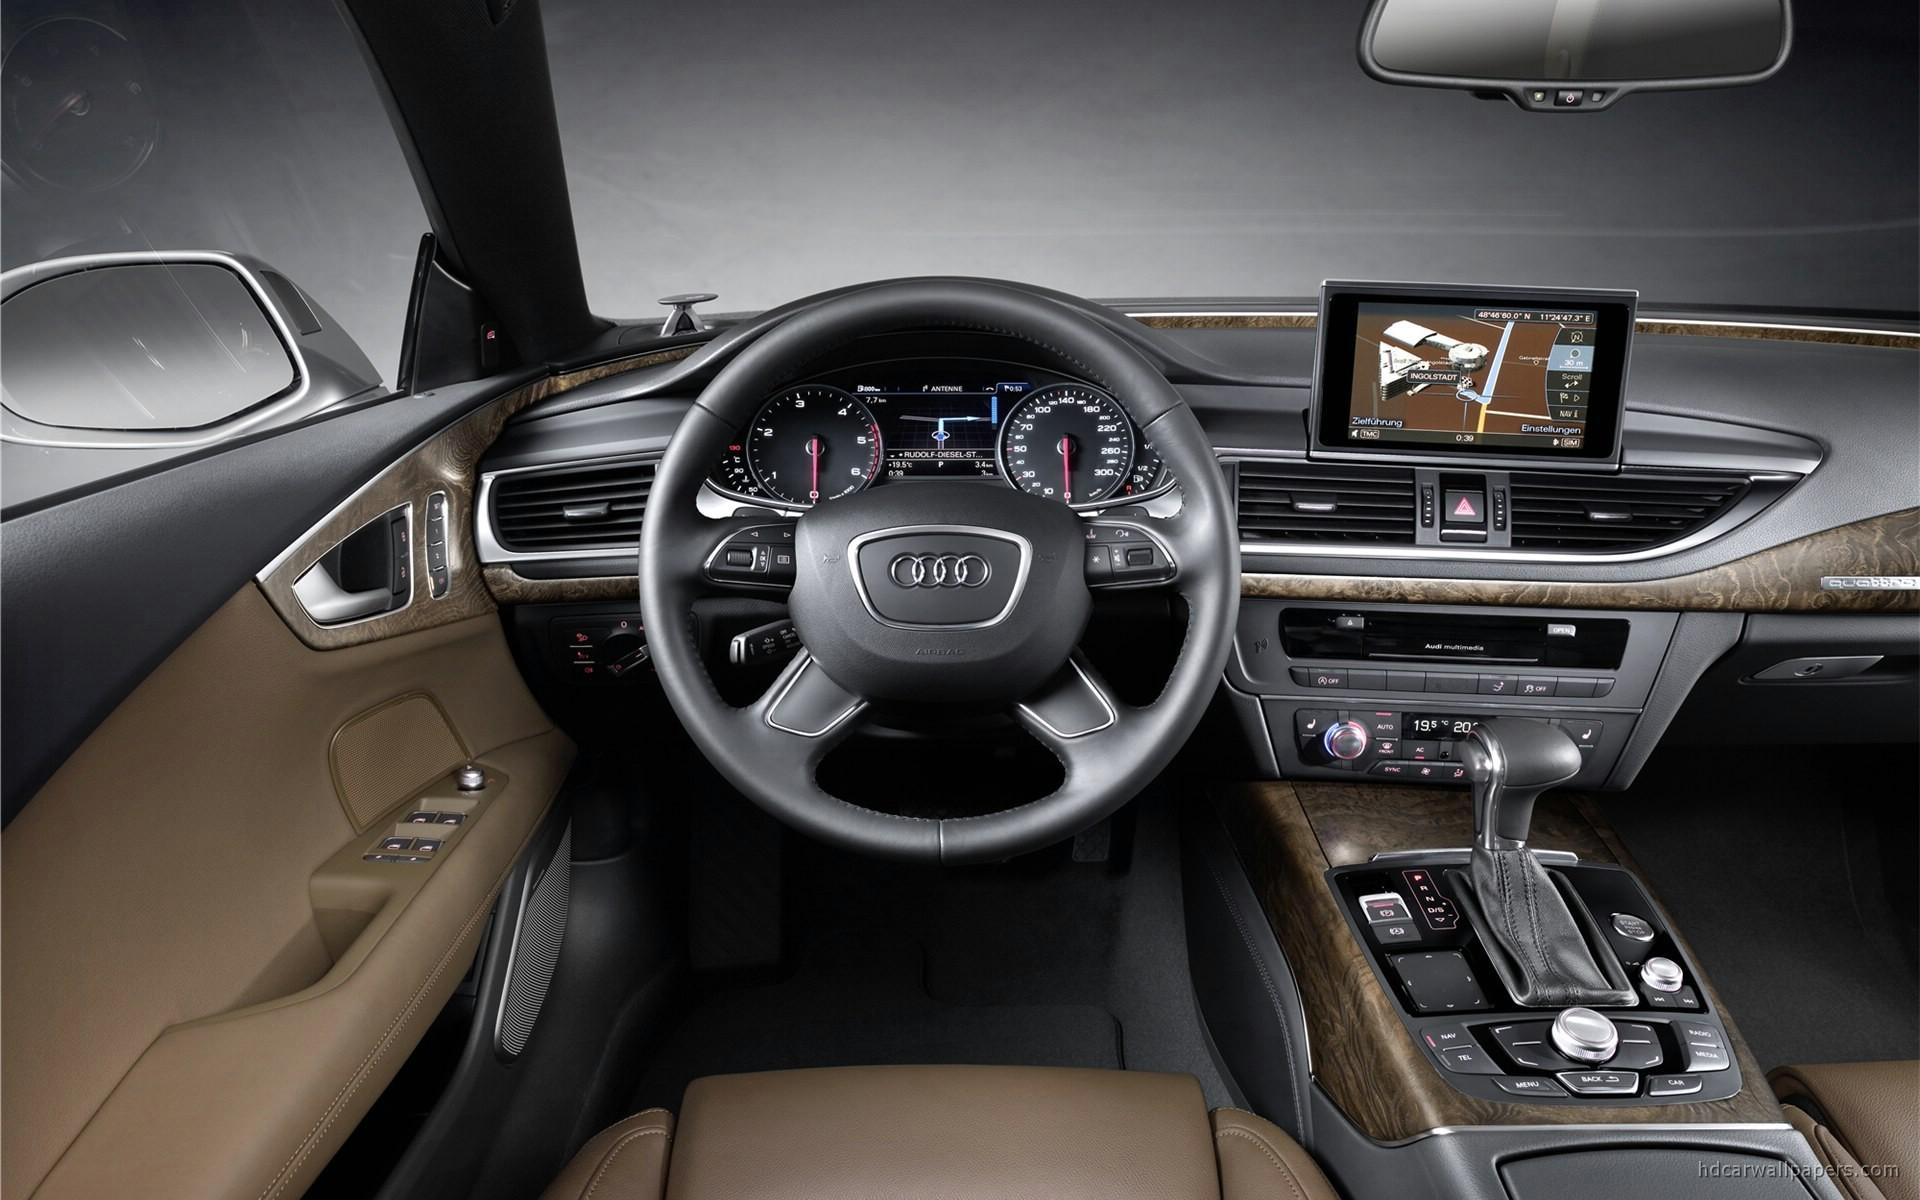 2011 Audi A7 Interior Wallpaper | HD Car Wallpapers | ID #1840